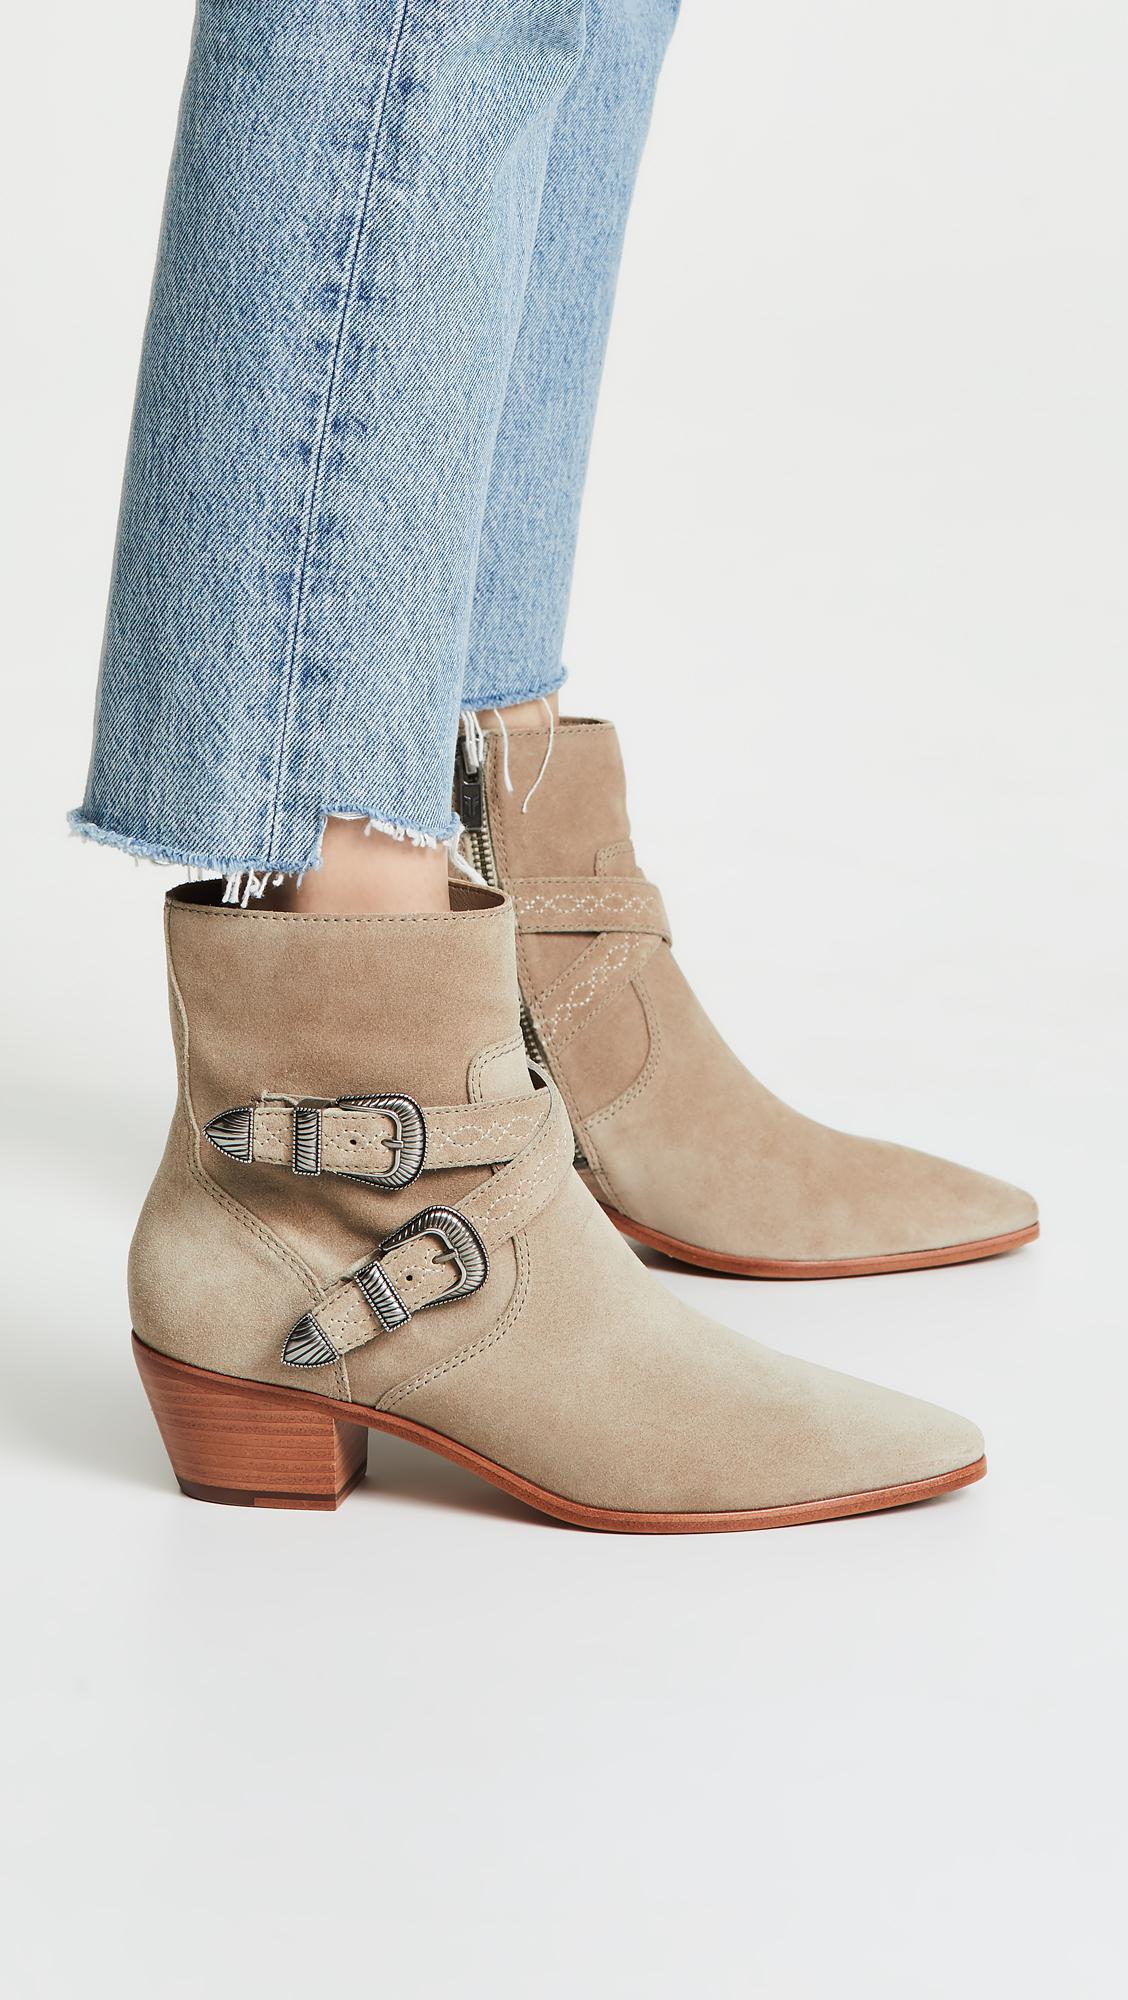 ea7df2989fdd Lyst - Frye Ellen Buckle Short Boots